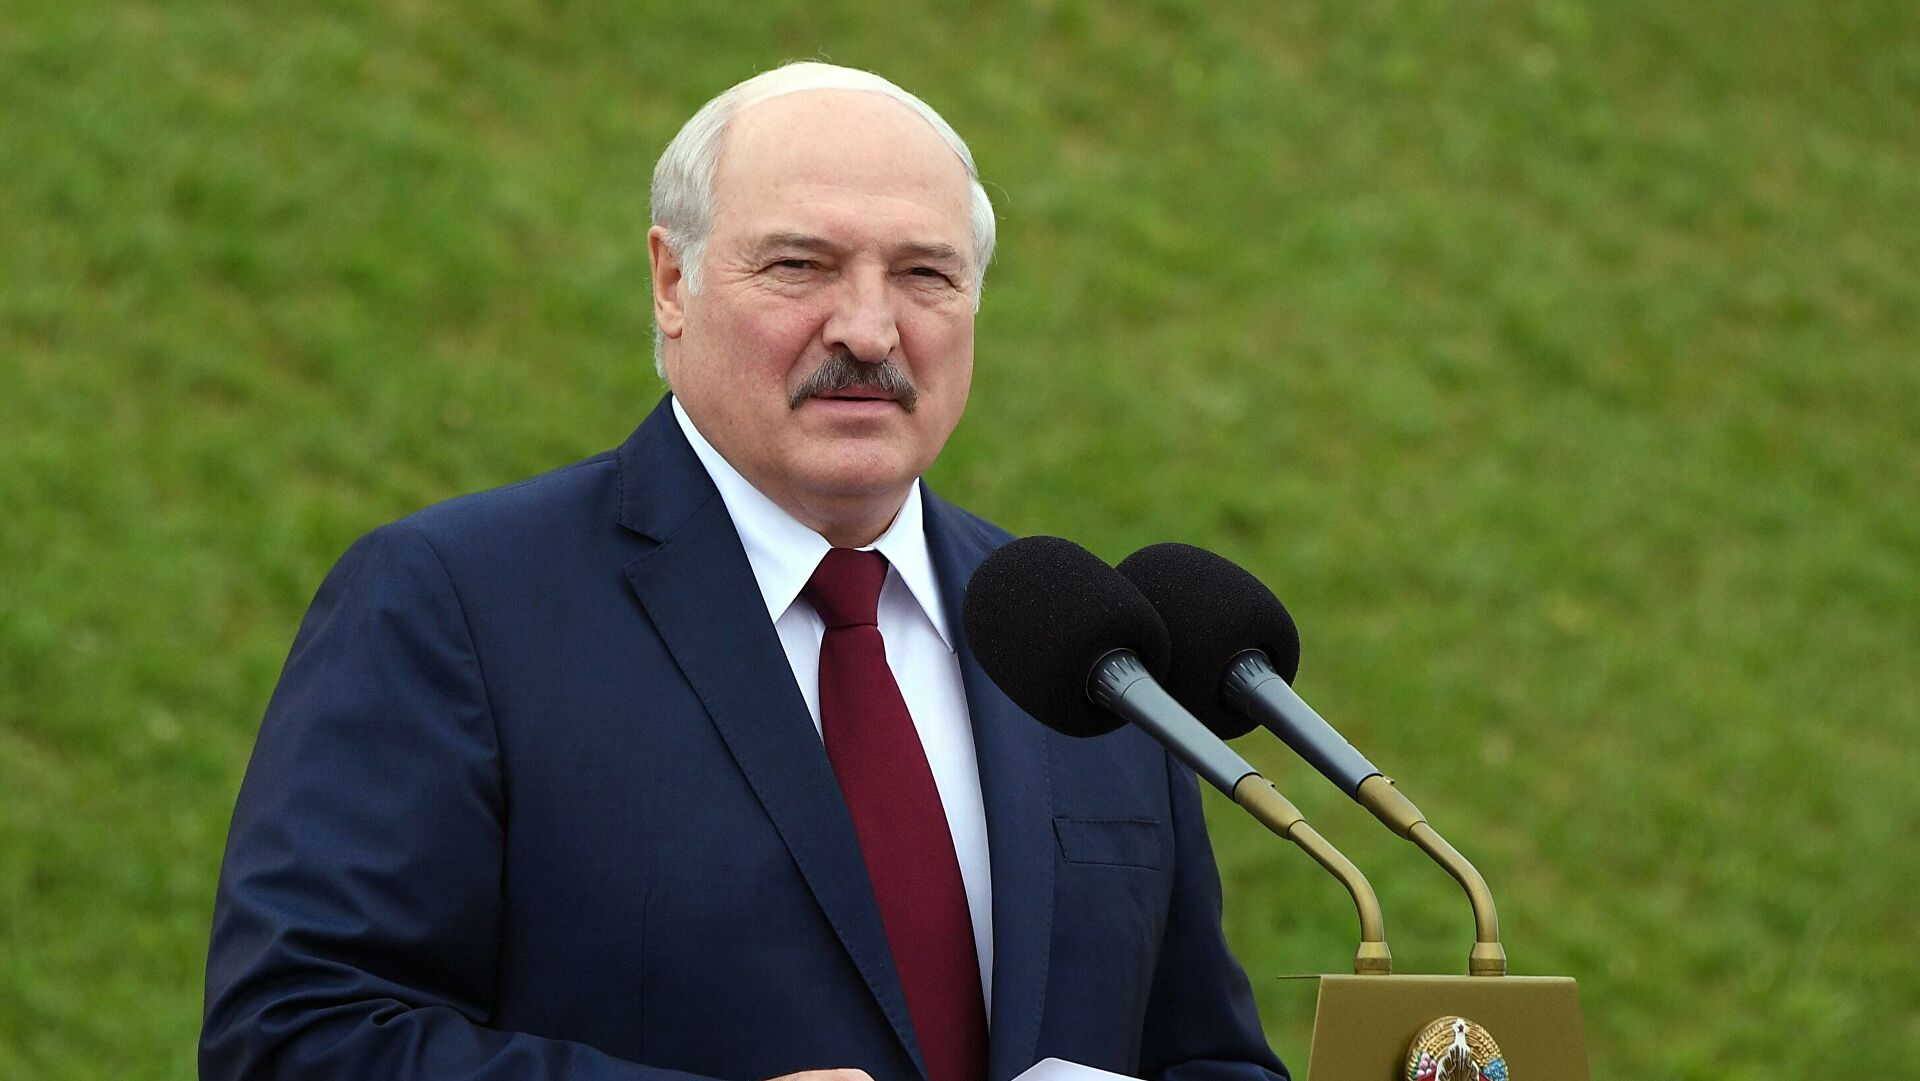 Лукашенко: Односи САД и земаља западне Европе су односи метрополе и колоније